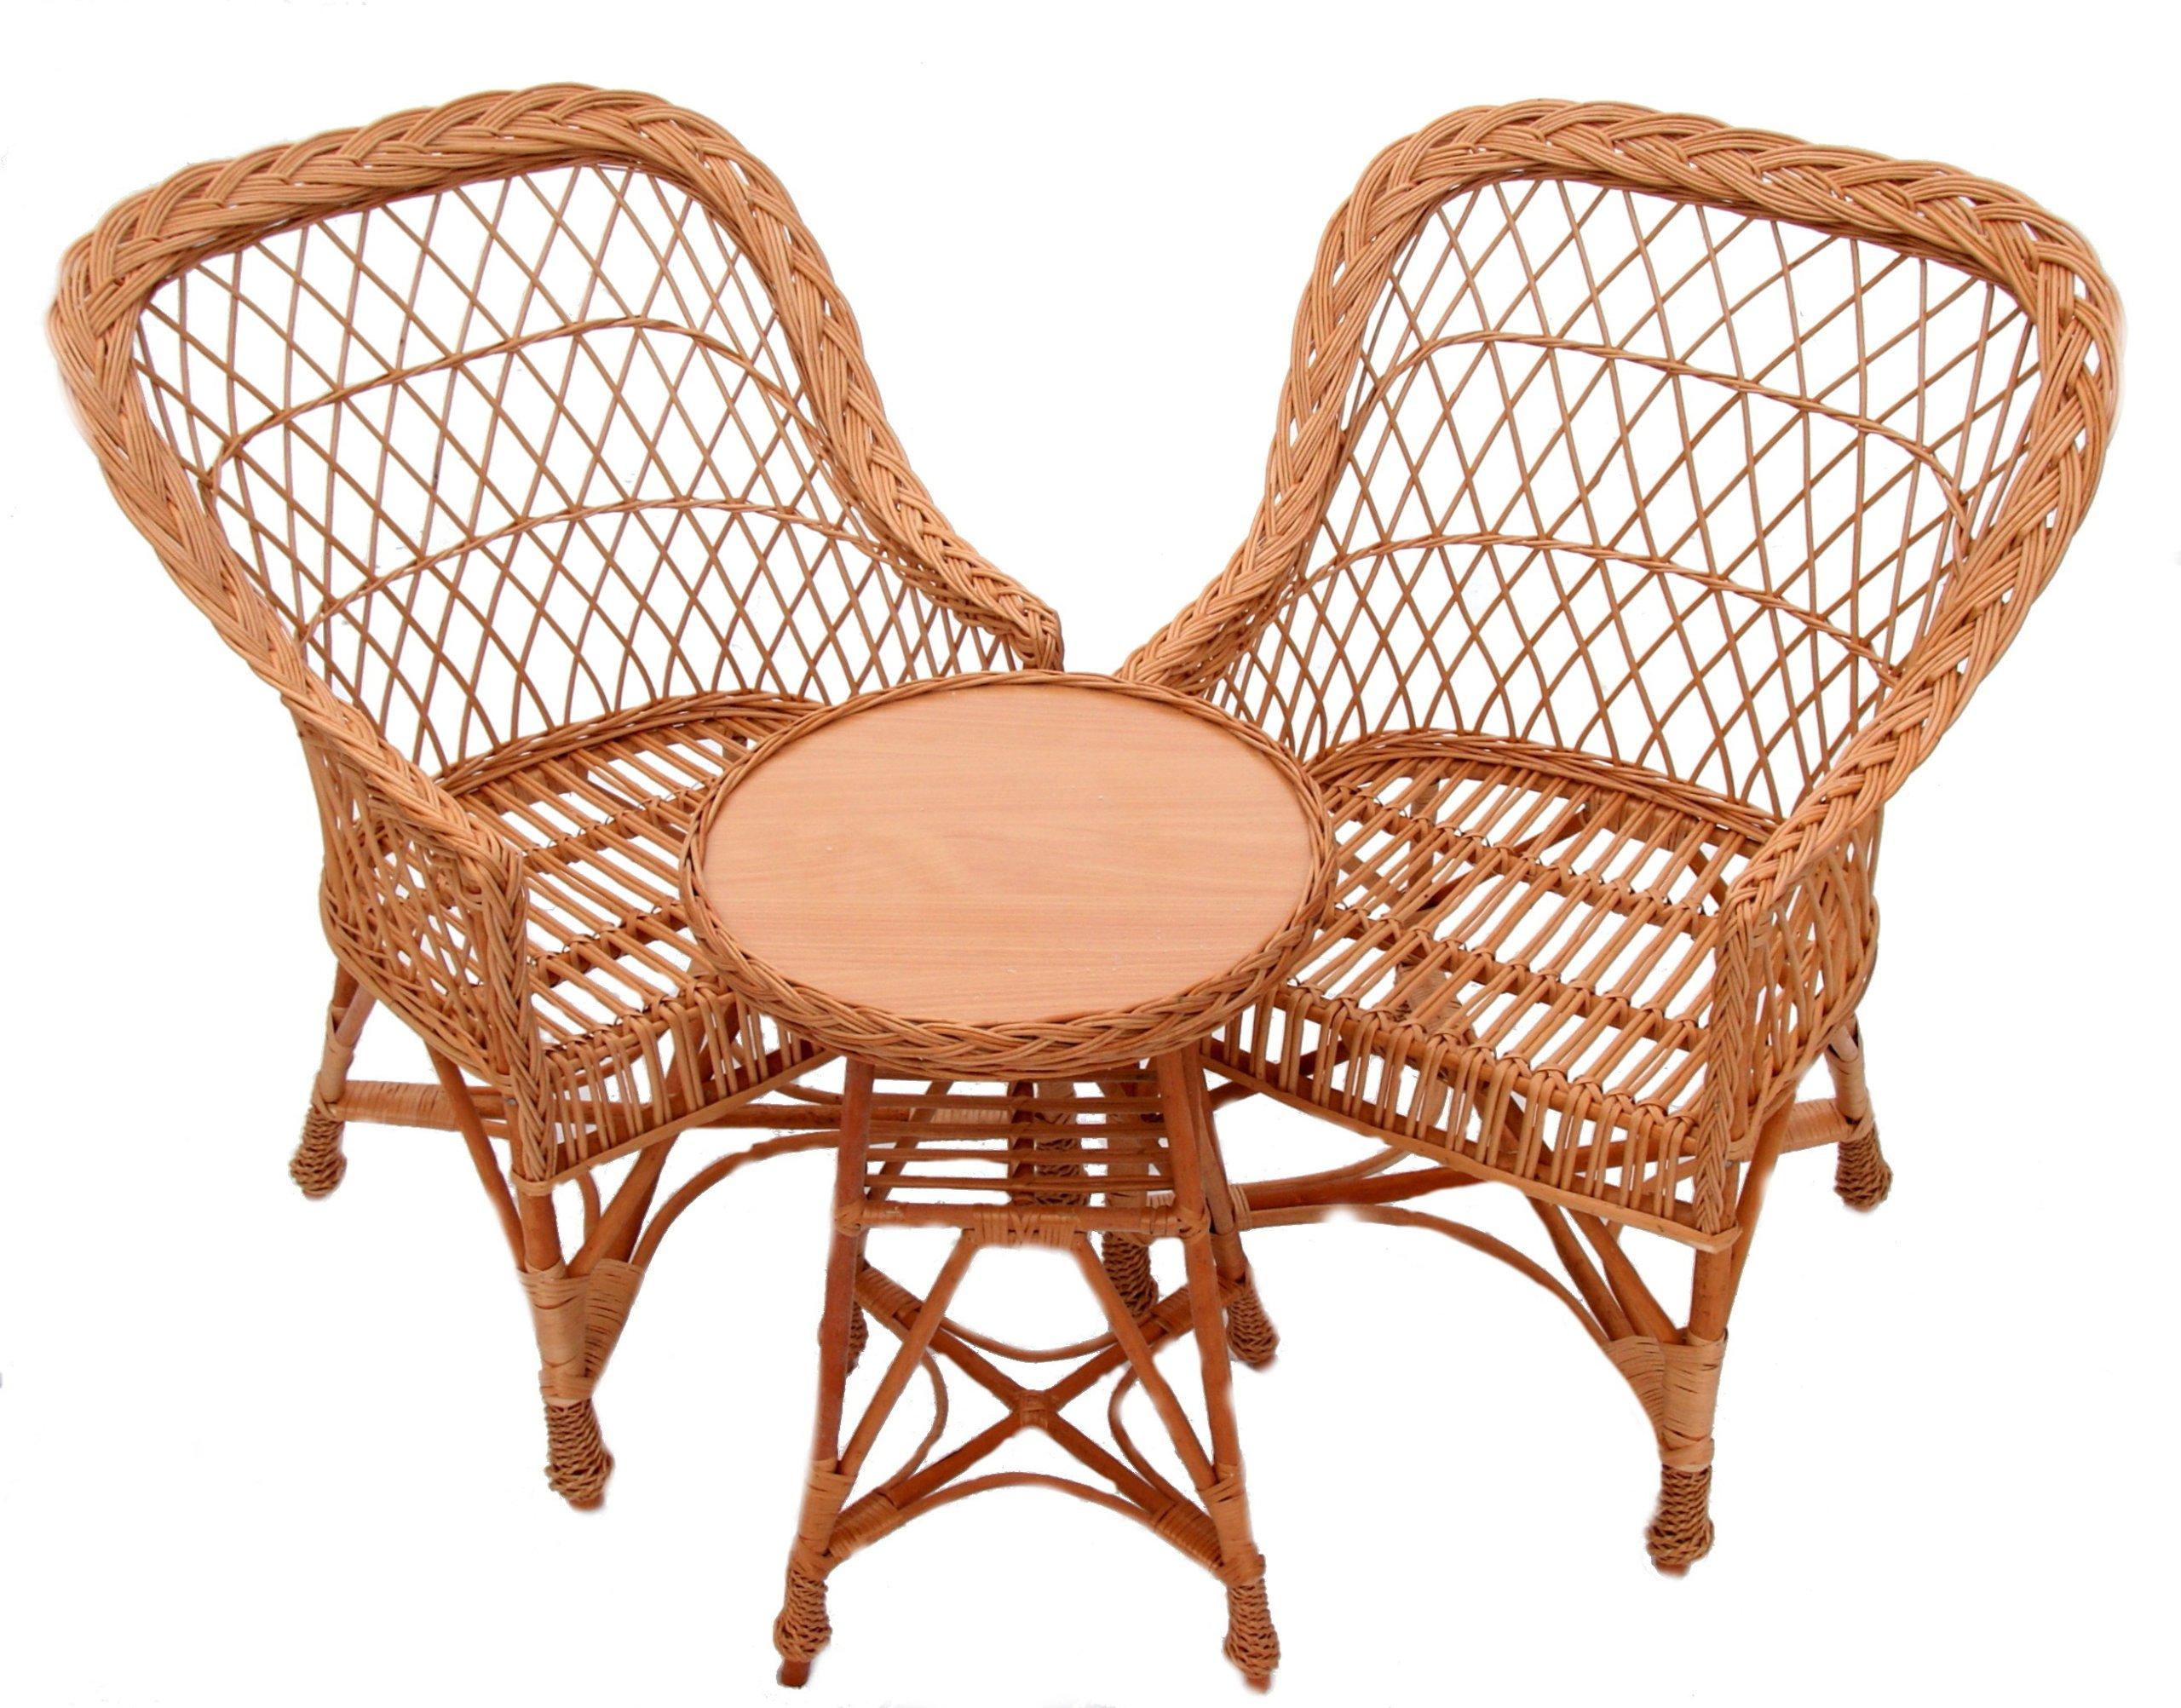 Prútené záhradné stoličky, výrobca prútených stolov